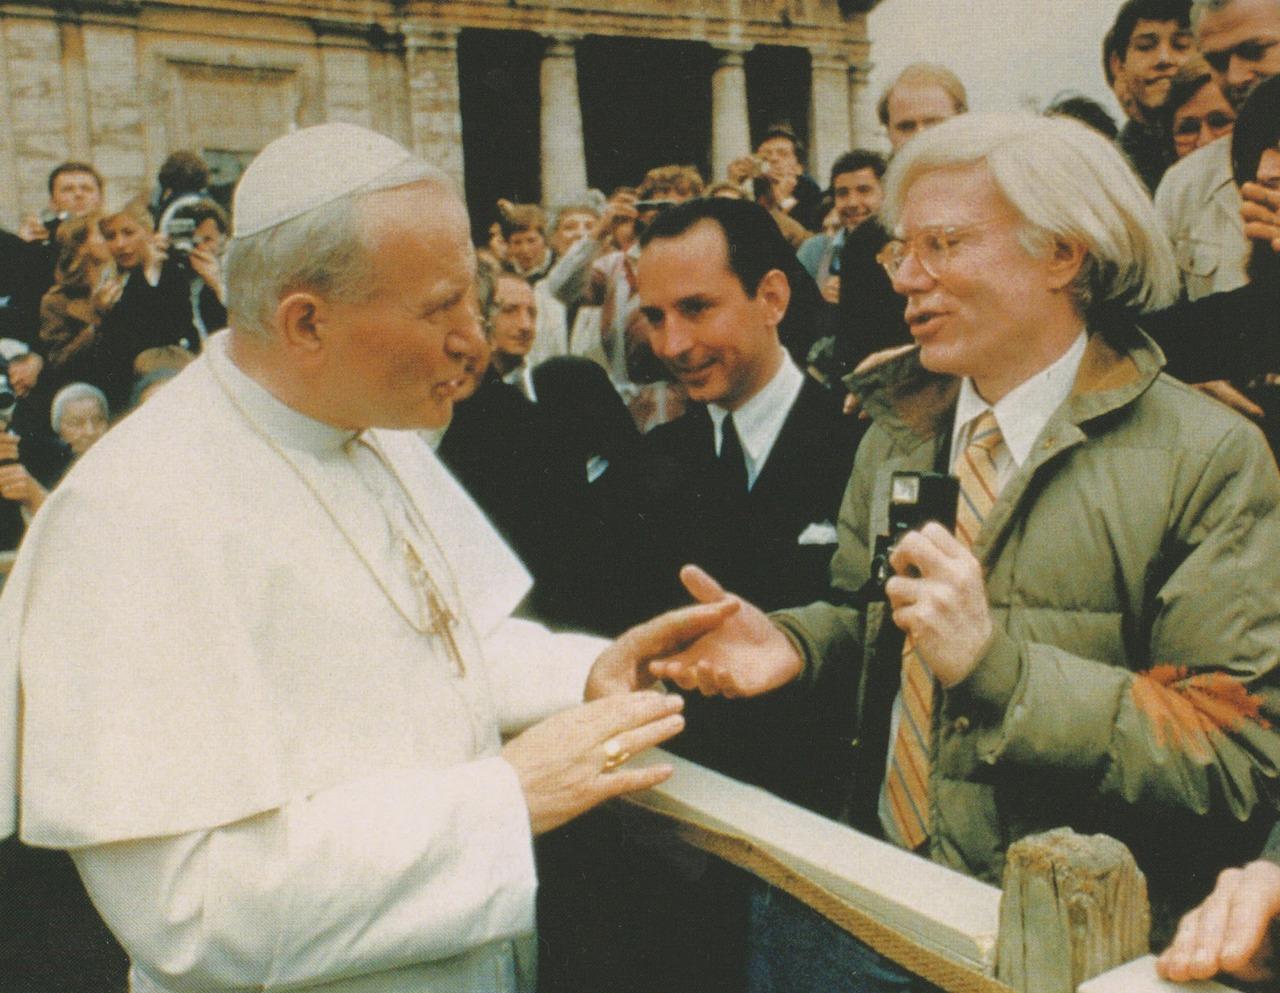 I Musei Vaticani allestiranno una mostra su Andy Warhol nel 2019